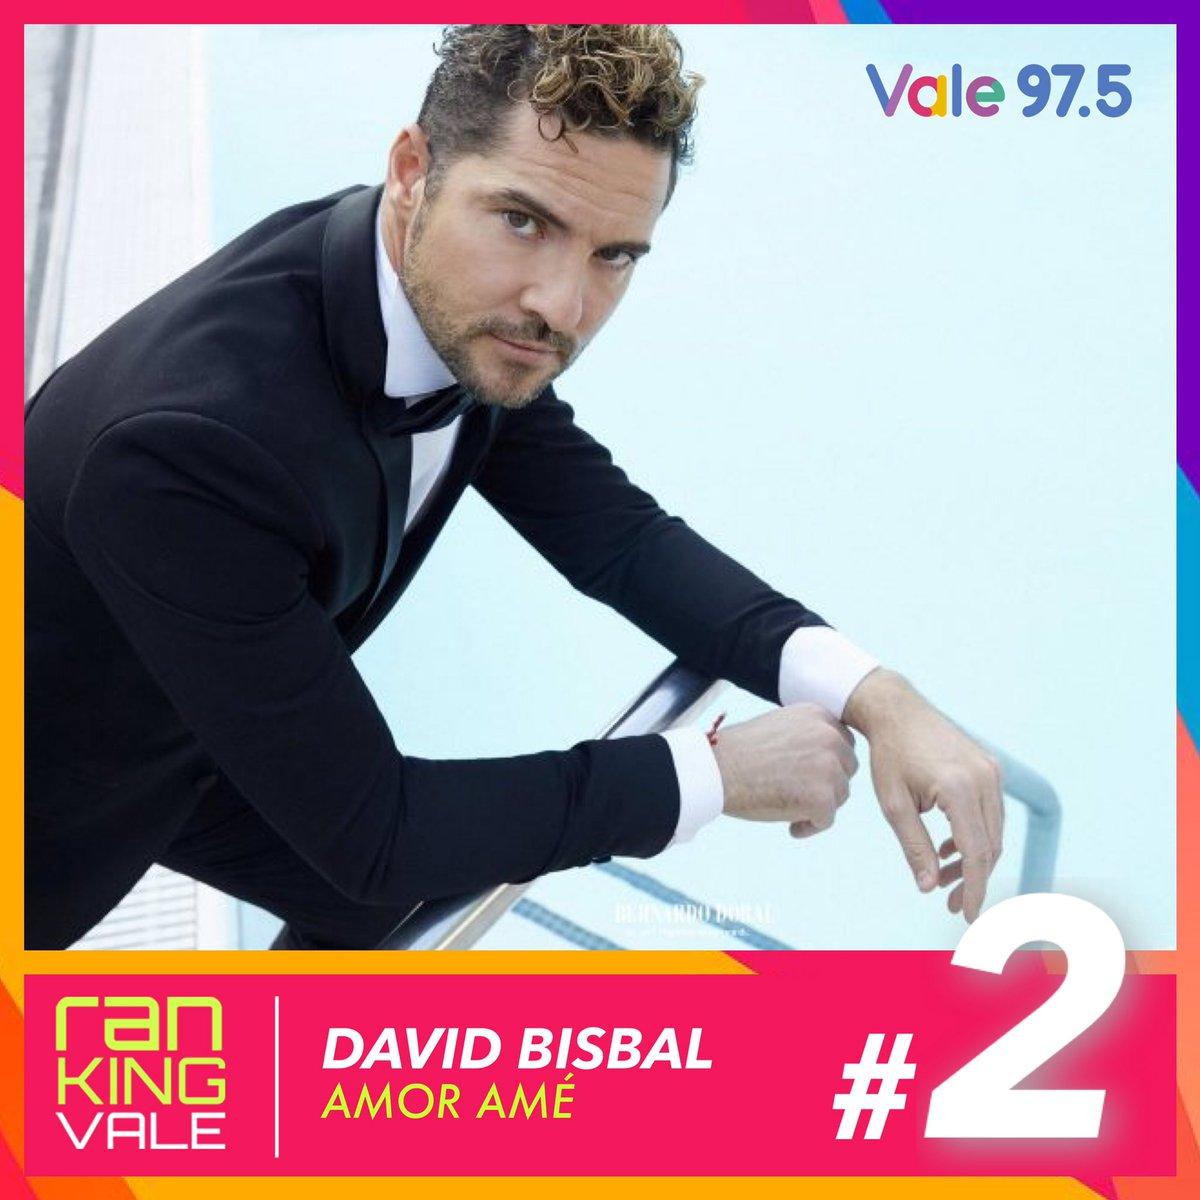 PUESTO #2 | ¡Con 18 semanas de permanencia, se mantiene firme! Misma posición para @davidbisbal con #AmorAme en el #RankingVale! 💕🎶